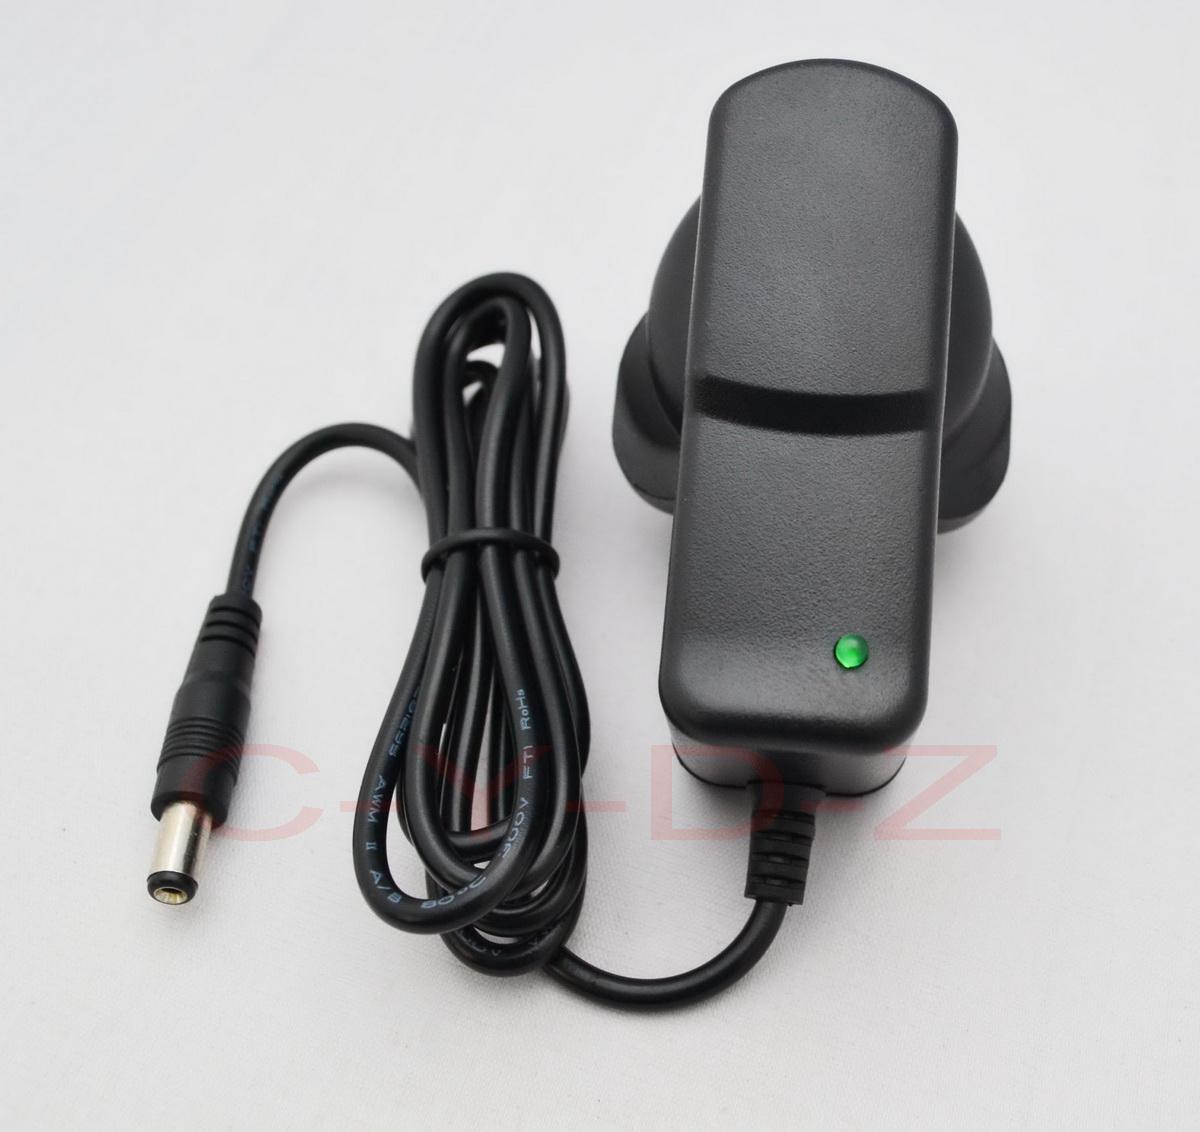 AC / DC Adaptateur 3V 4.5V 5V 6V 7.5V 1A / 1000mA Chargeur D'alimentation UK fiche Nouveau + Livraison Gratuite